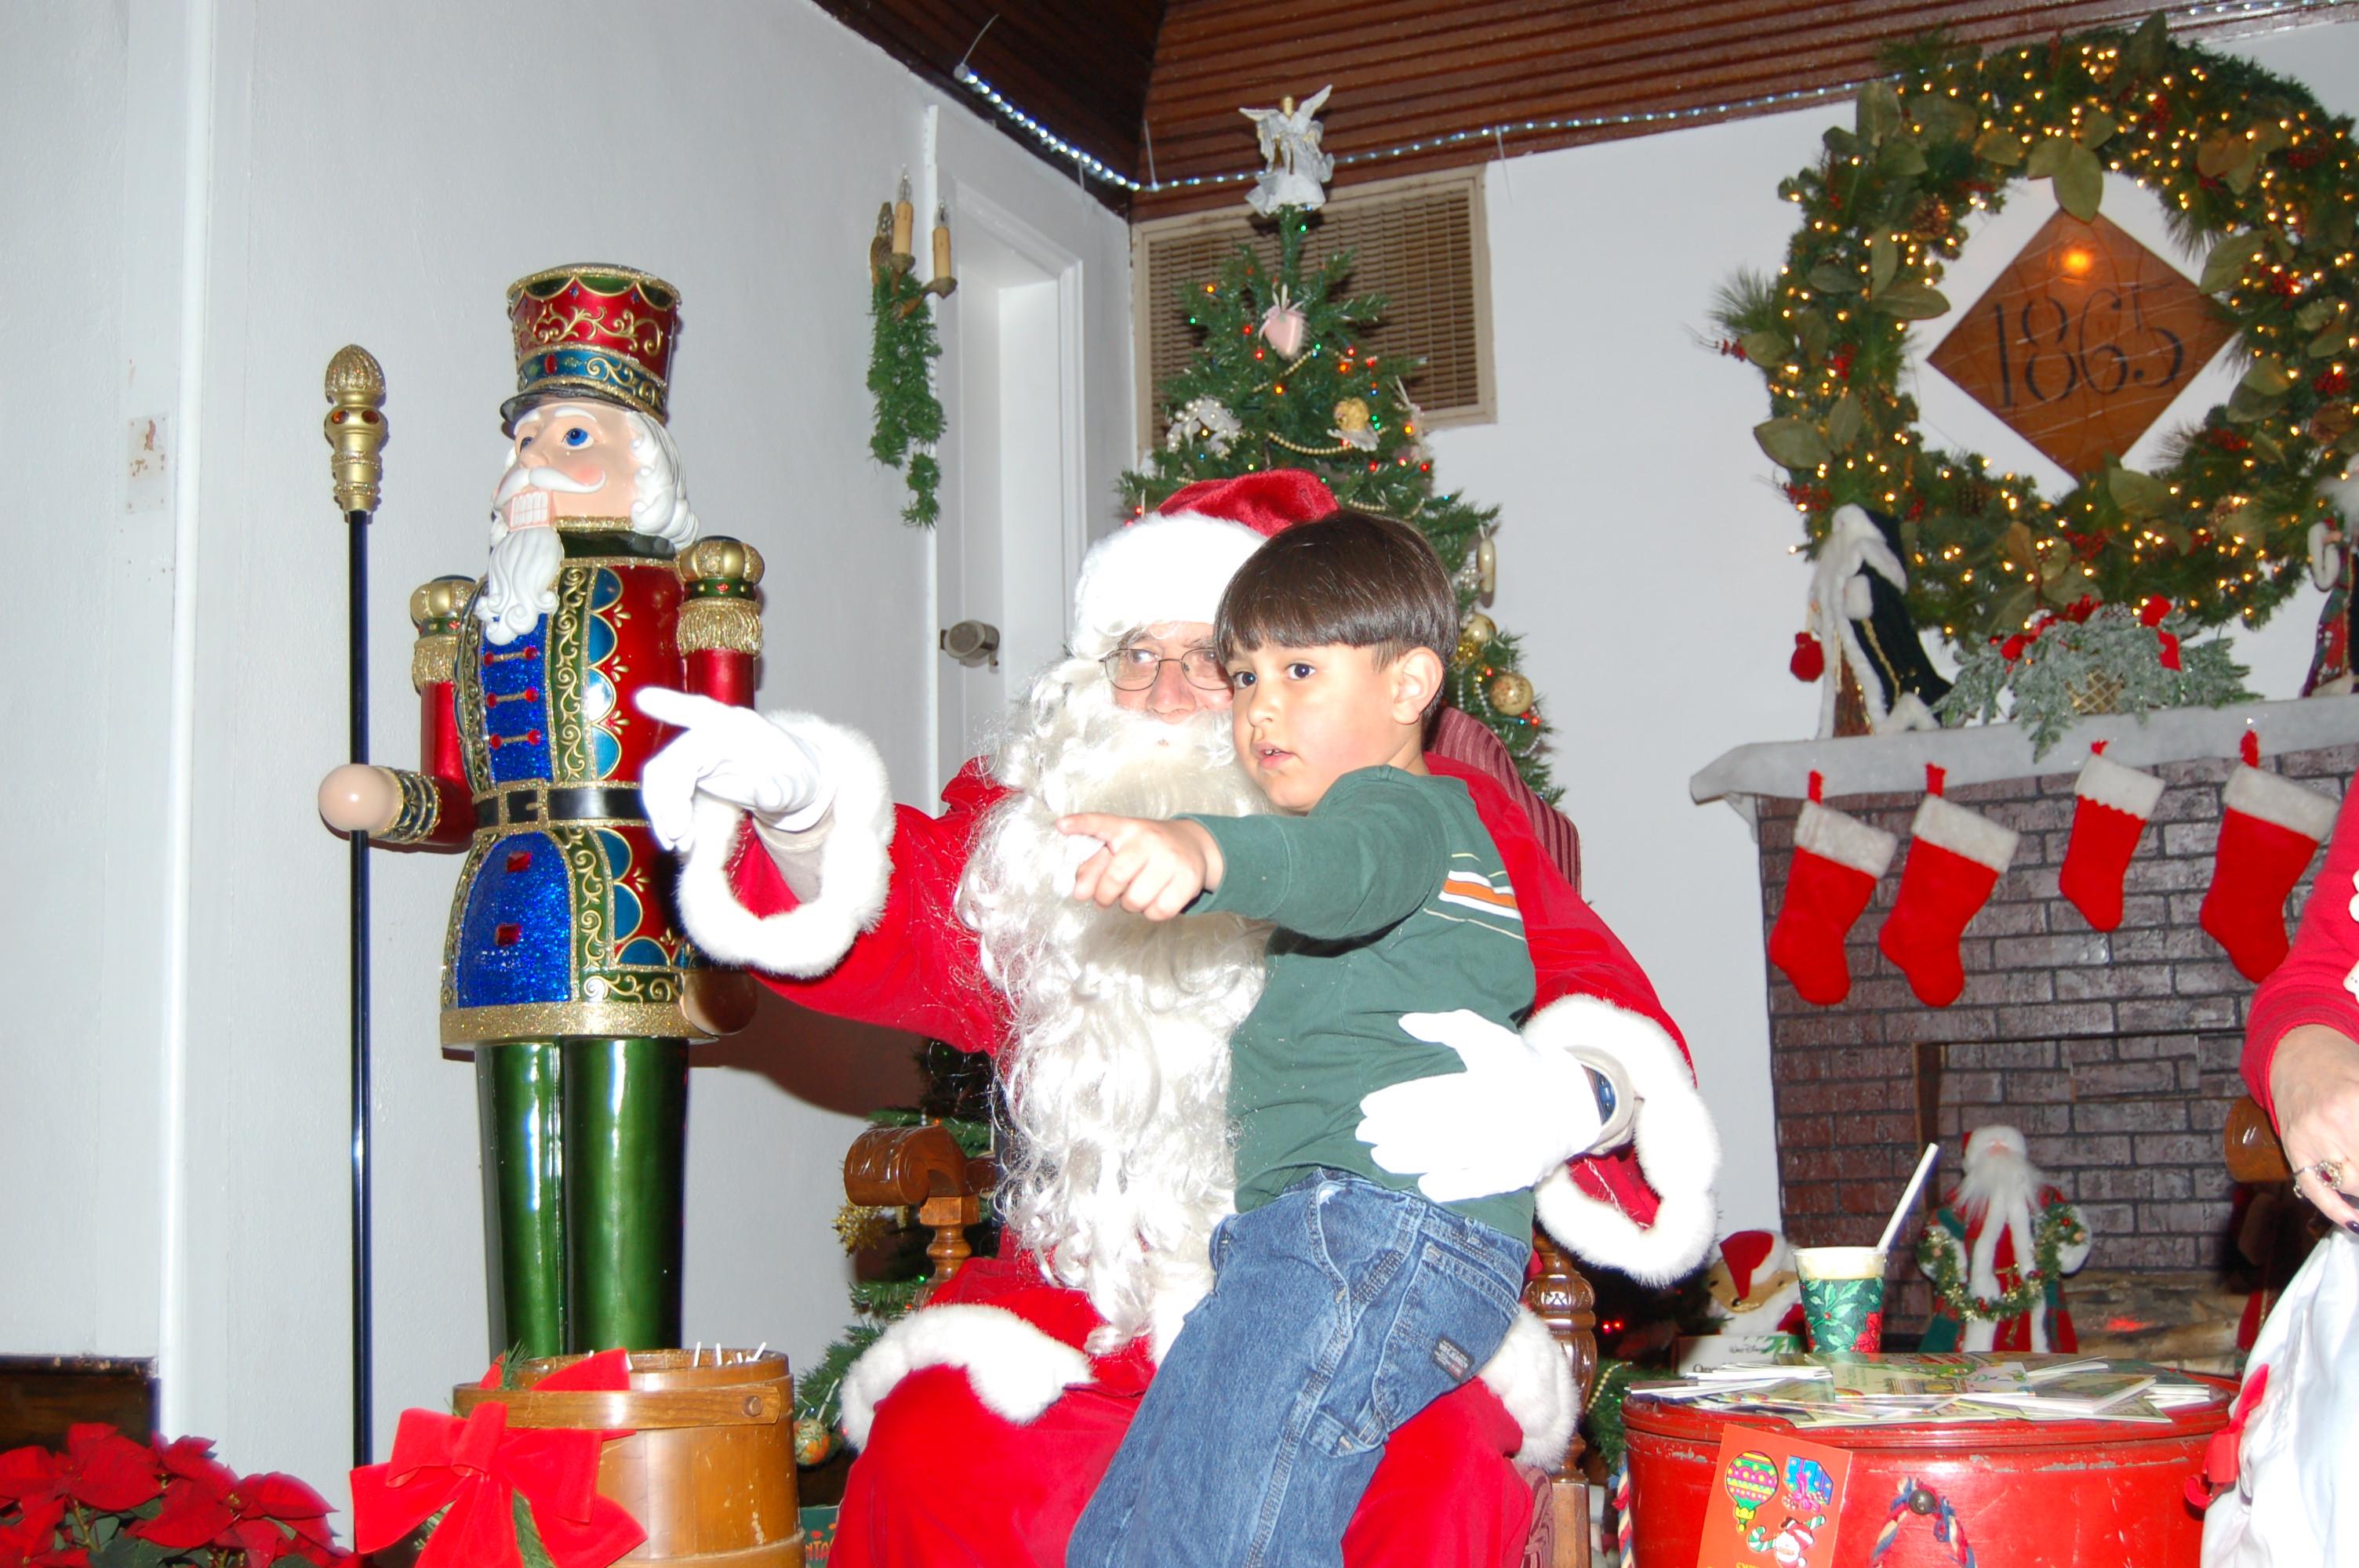 LolliPop+Lane+12-10-2008+Picture+001.jpg